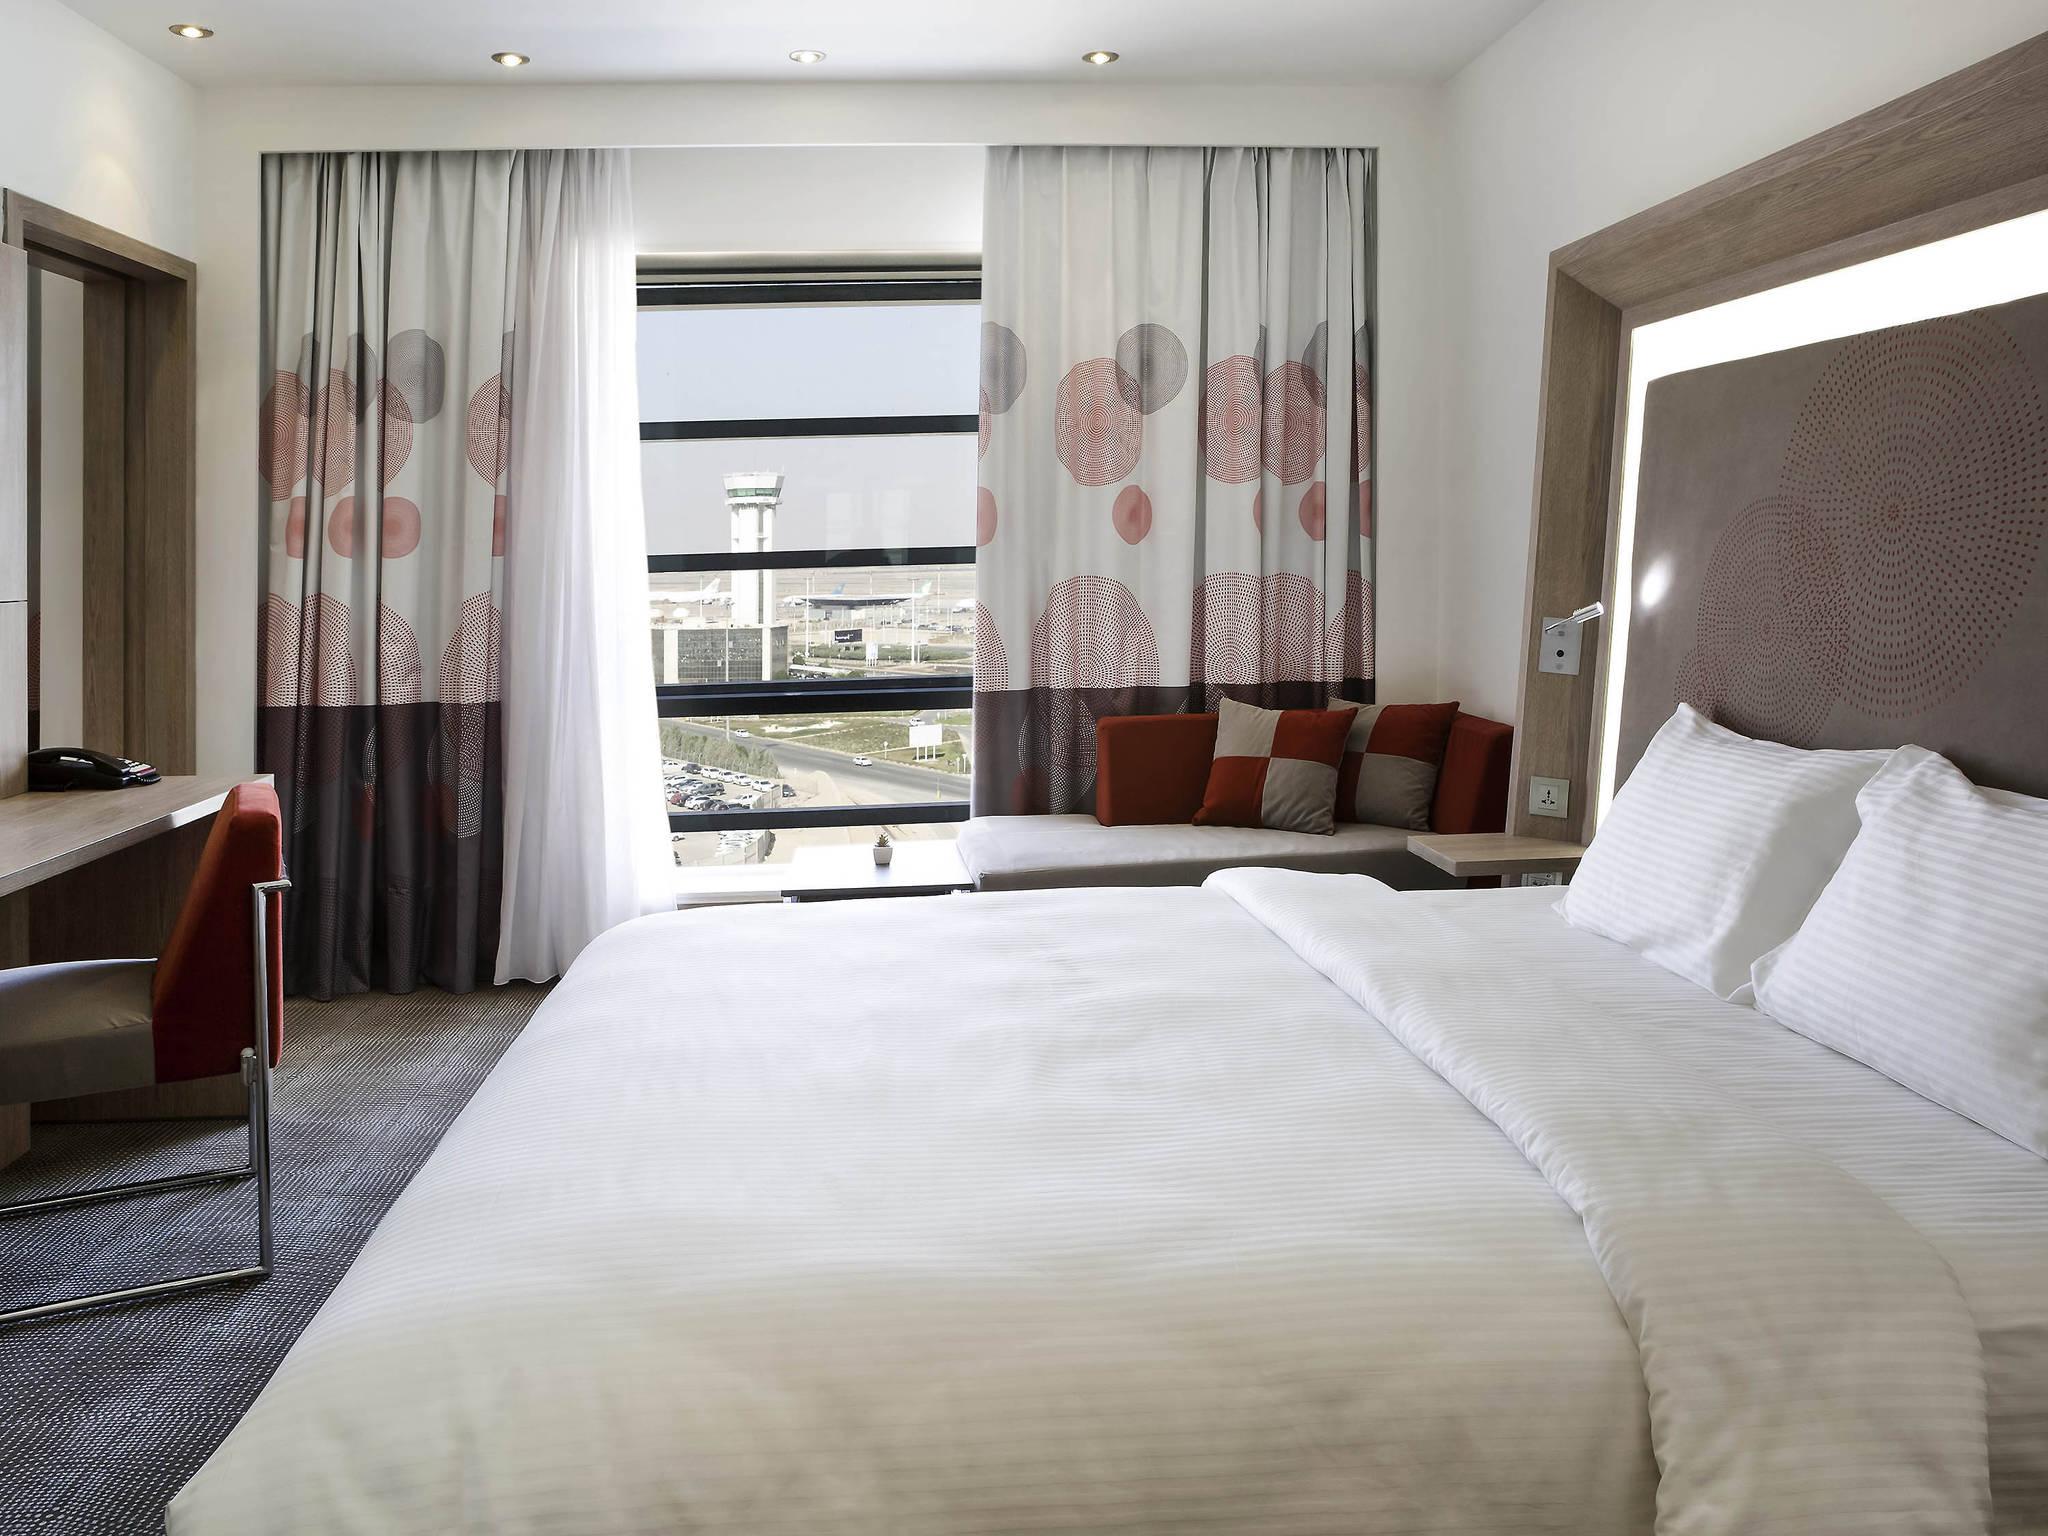 ホテル – ノボテル テヘラン エマーム ホメイニー国際空港